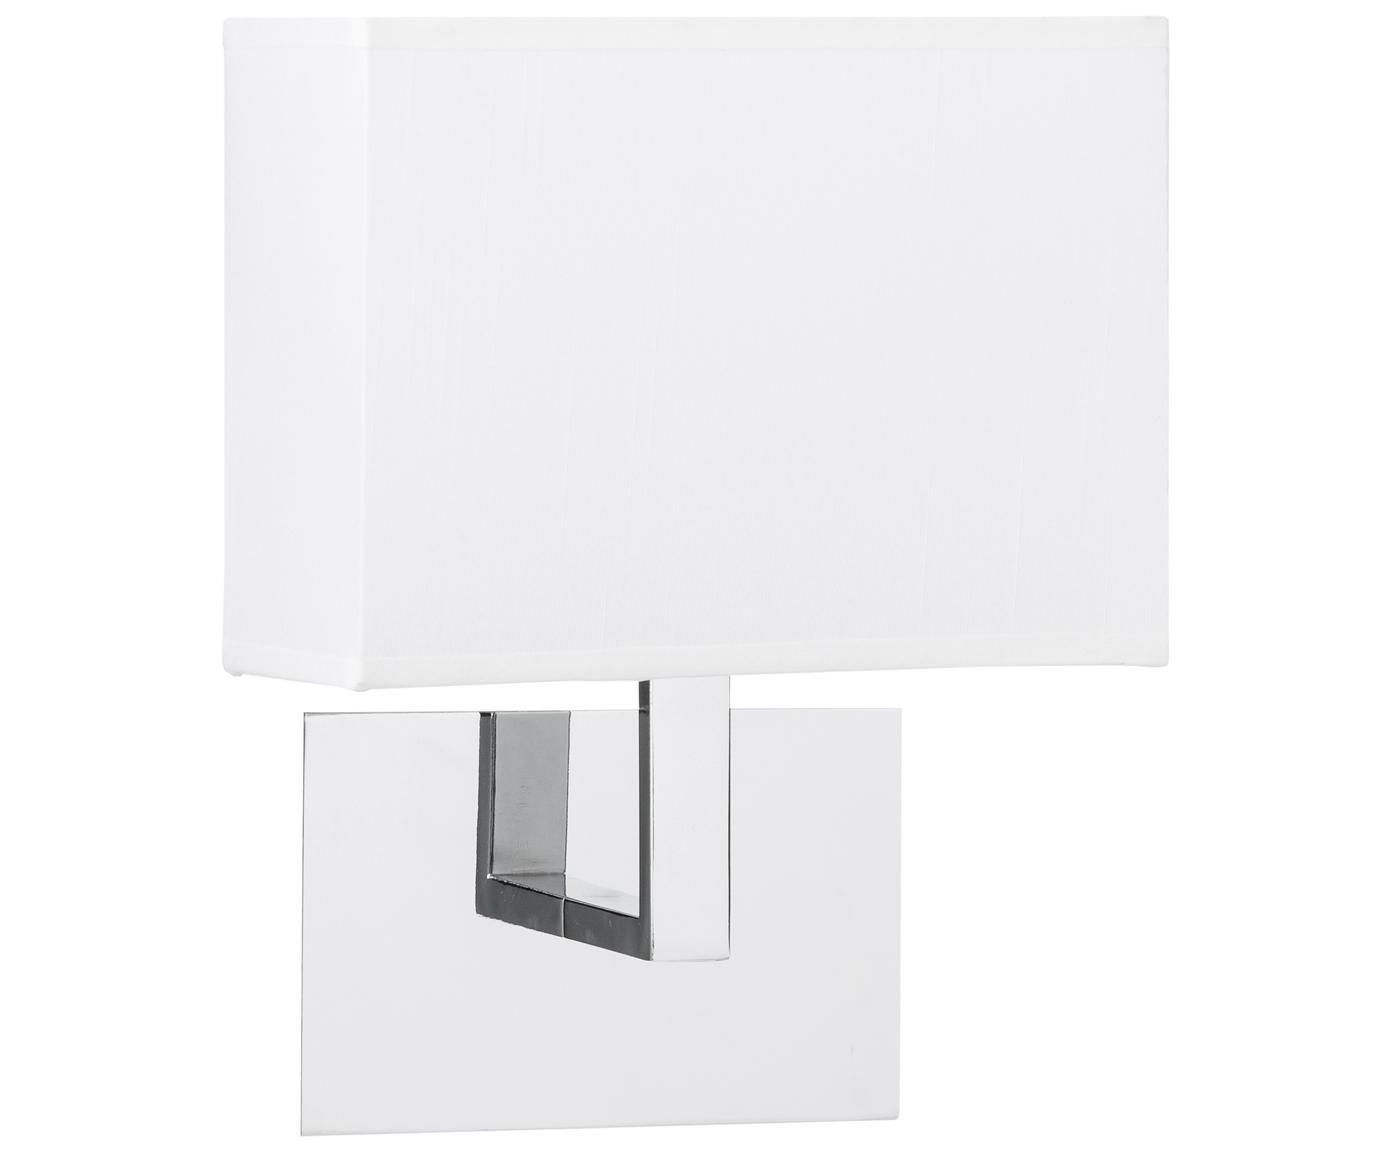 Wandleuchte Lina, Metall, Textil, Weiß, 20 x 25 cm